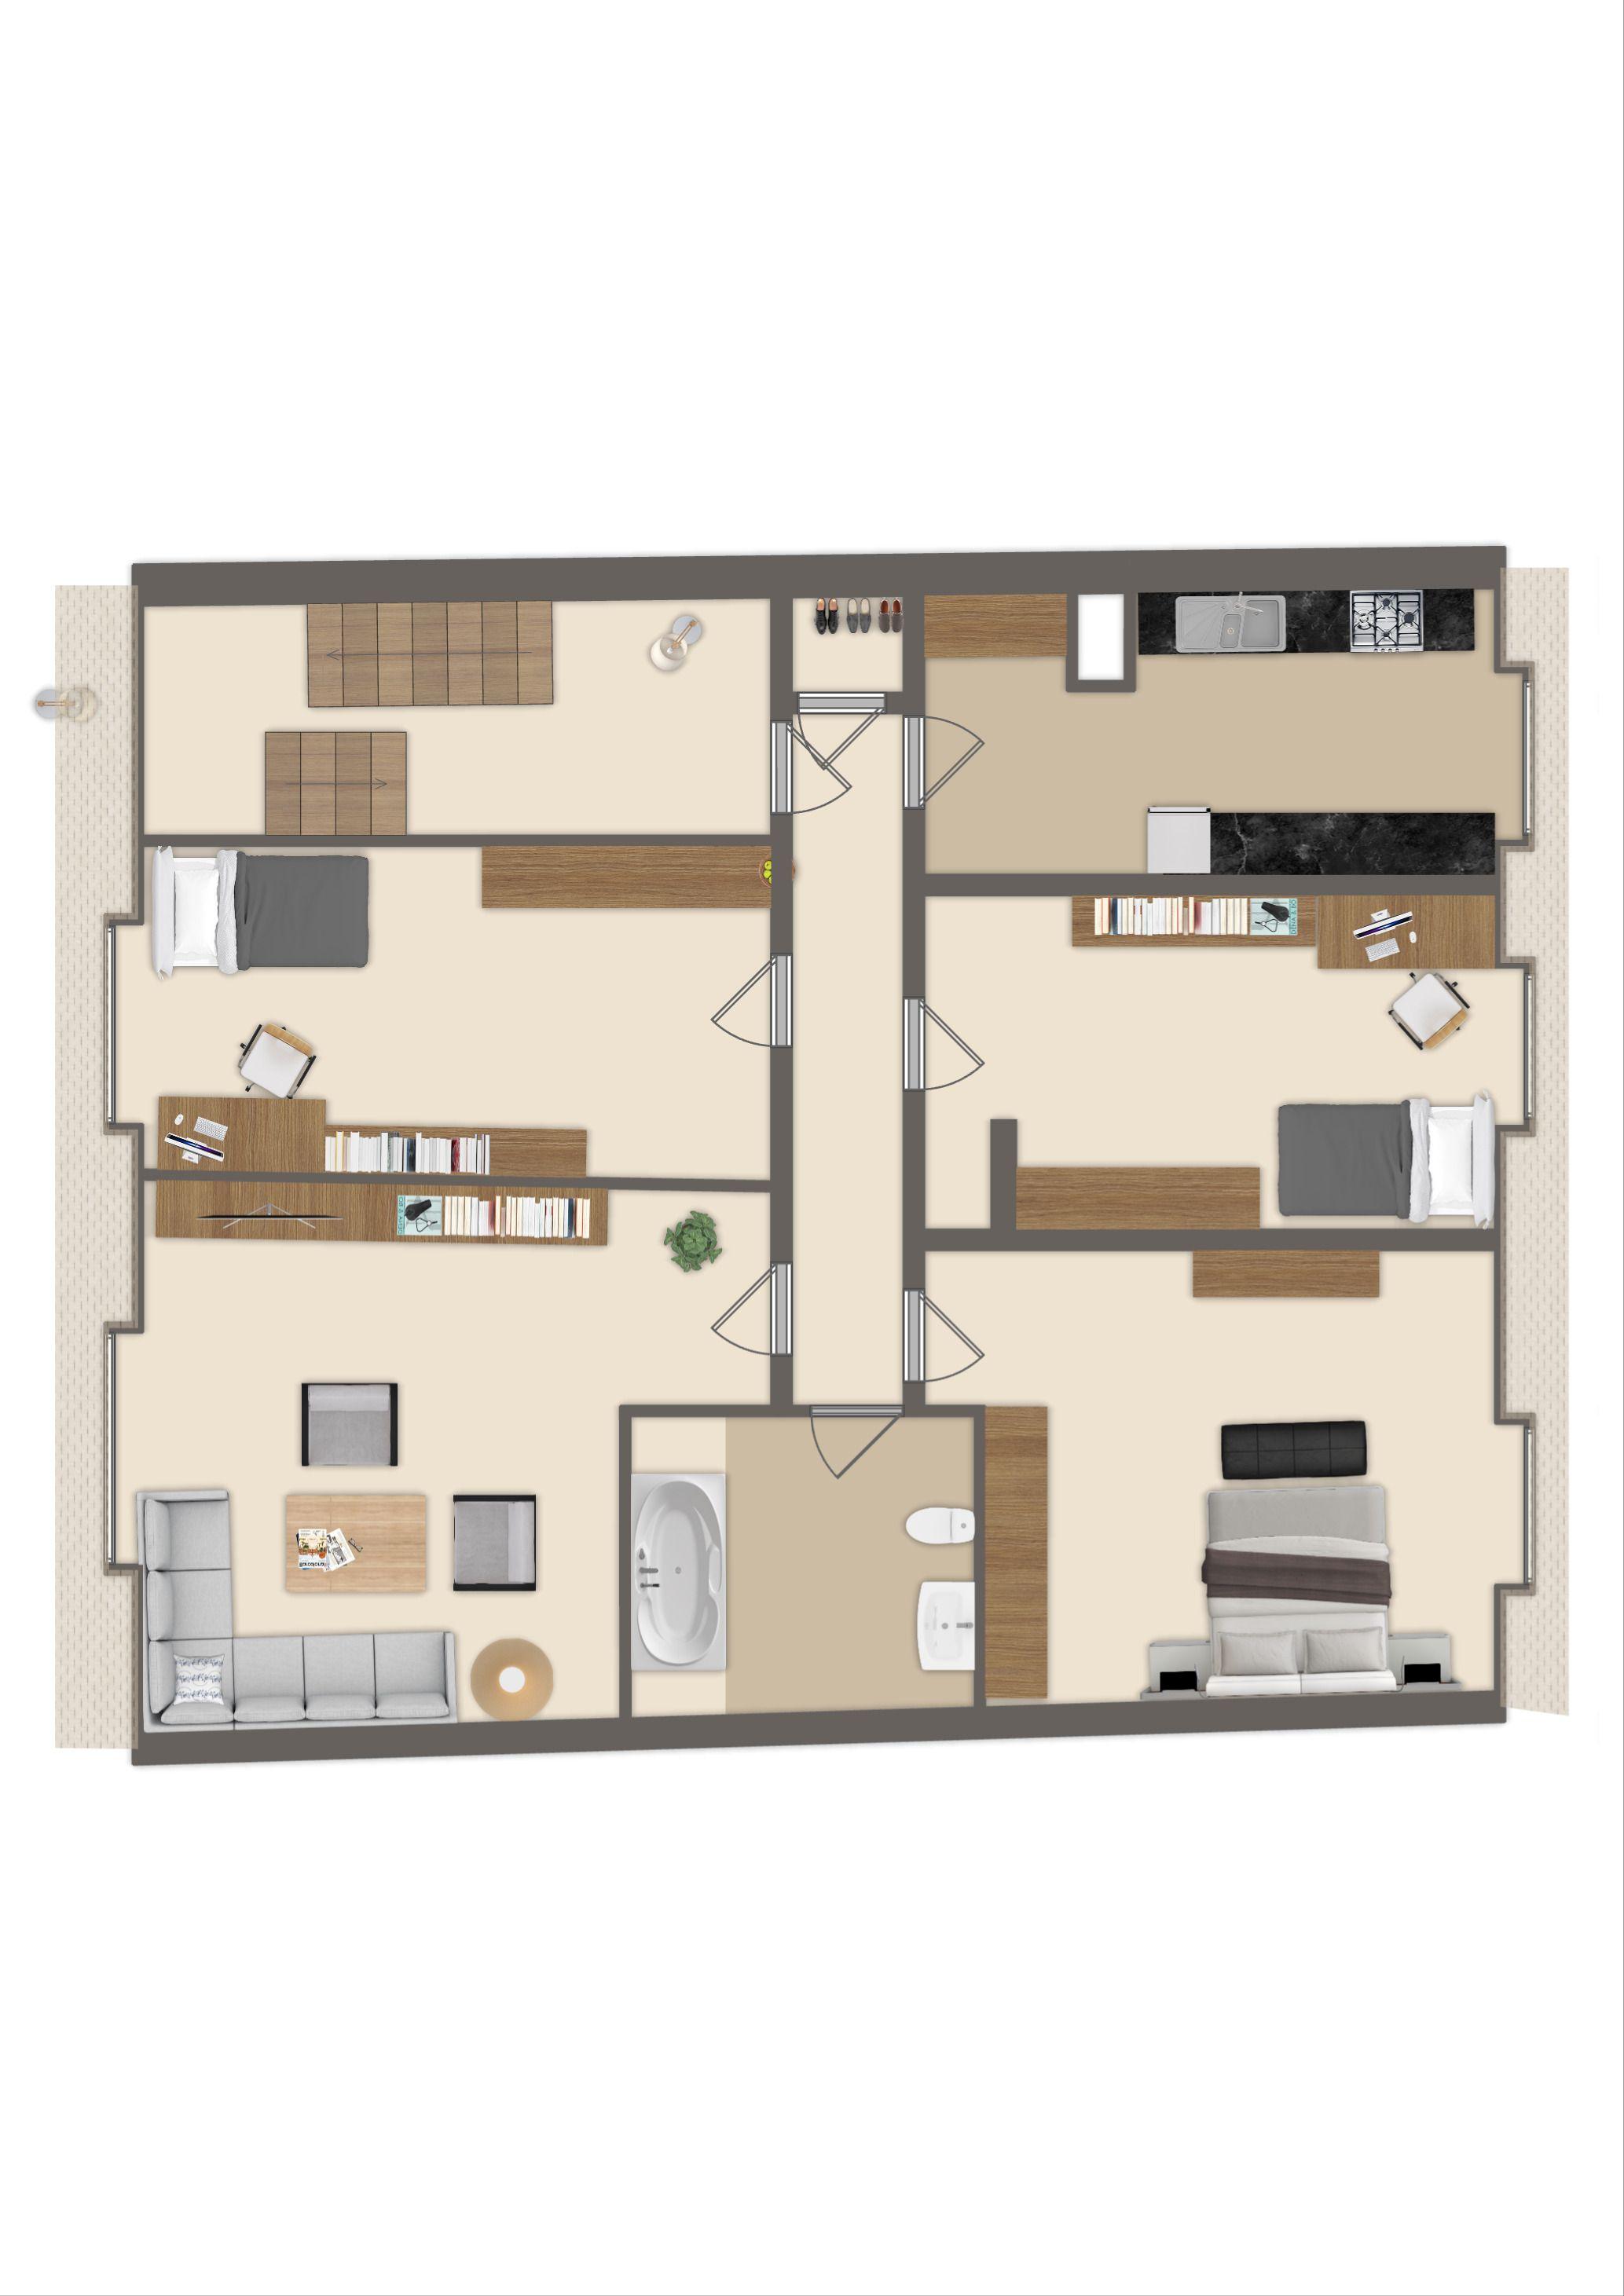 Aschersleben_Schuhstieg_Wohnung_7_-_Dachgeschoss-2.jpg